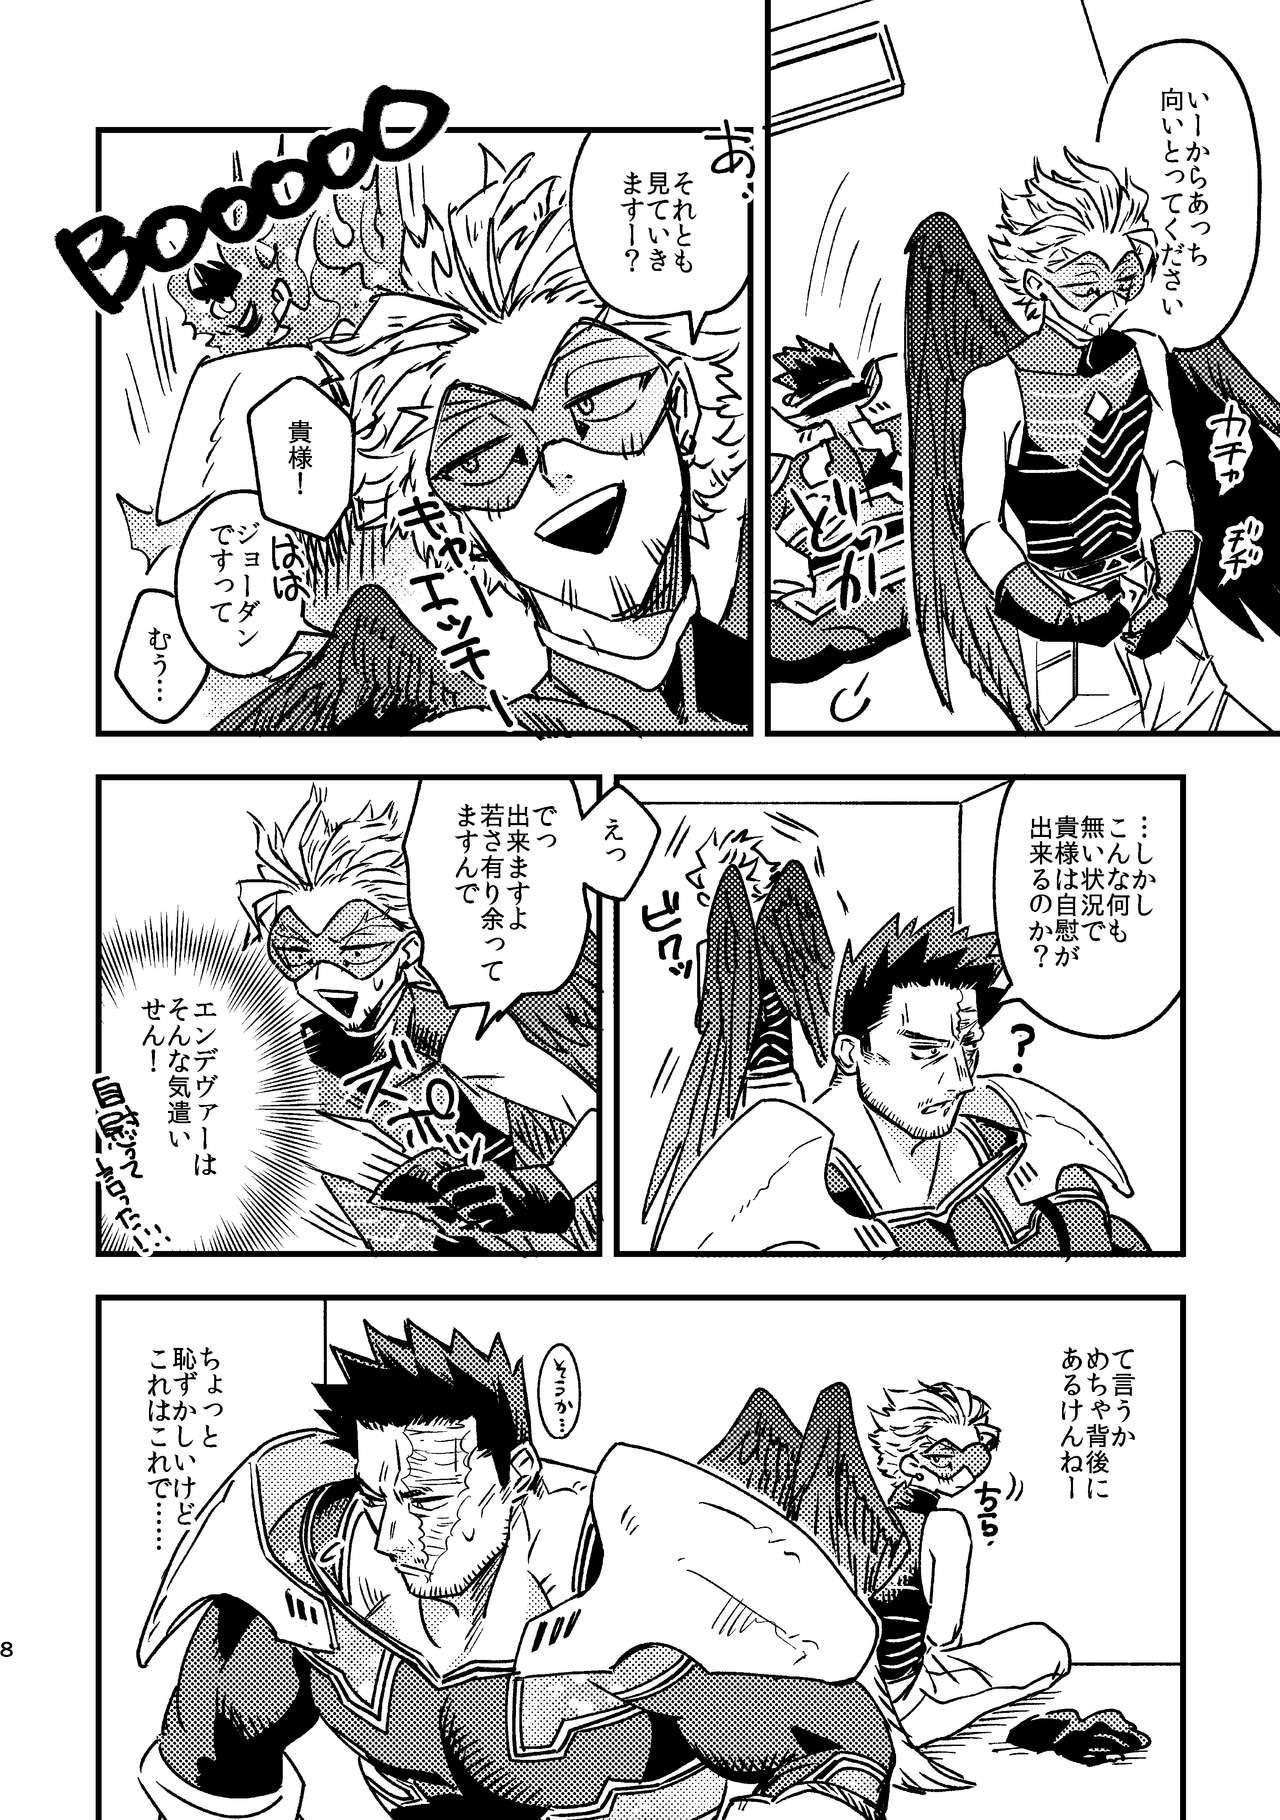 WEB Sairoku Zumi HawEn Manga ga Kami demo Yomeru Hon. 7